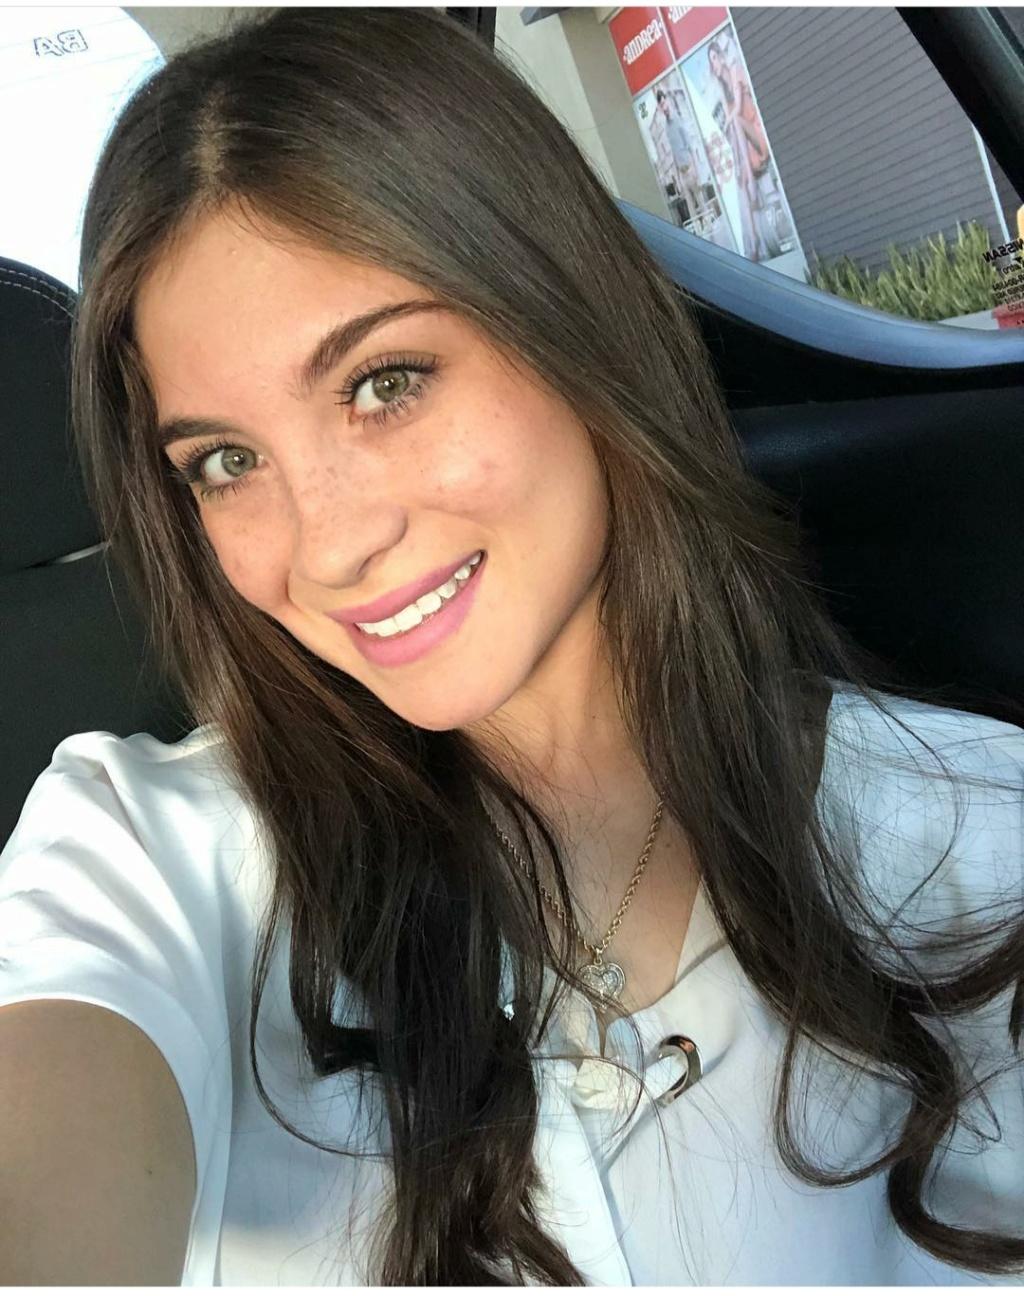 DEBATE sobre belleza, guapura y hermosura (fotos de chicas latinas, mestizas, y de todo) - VOL II - Página 3 Img_1705